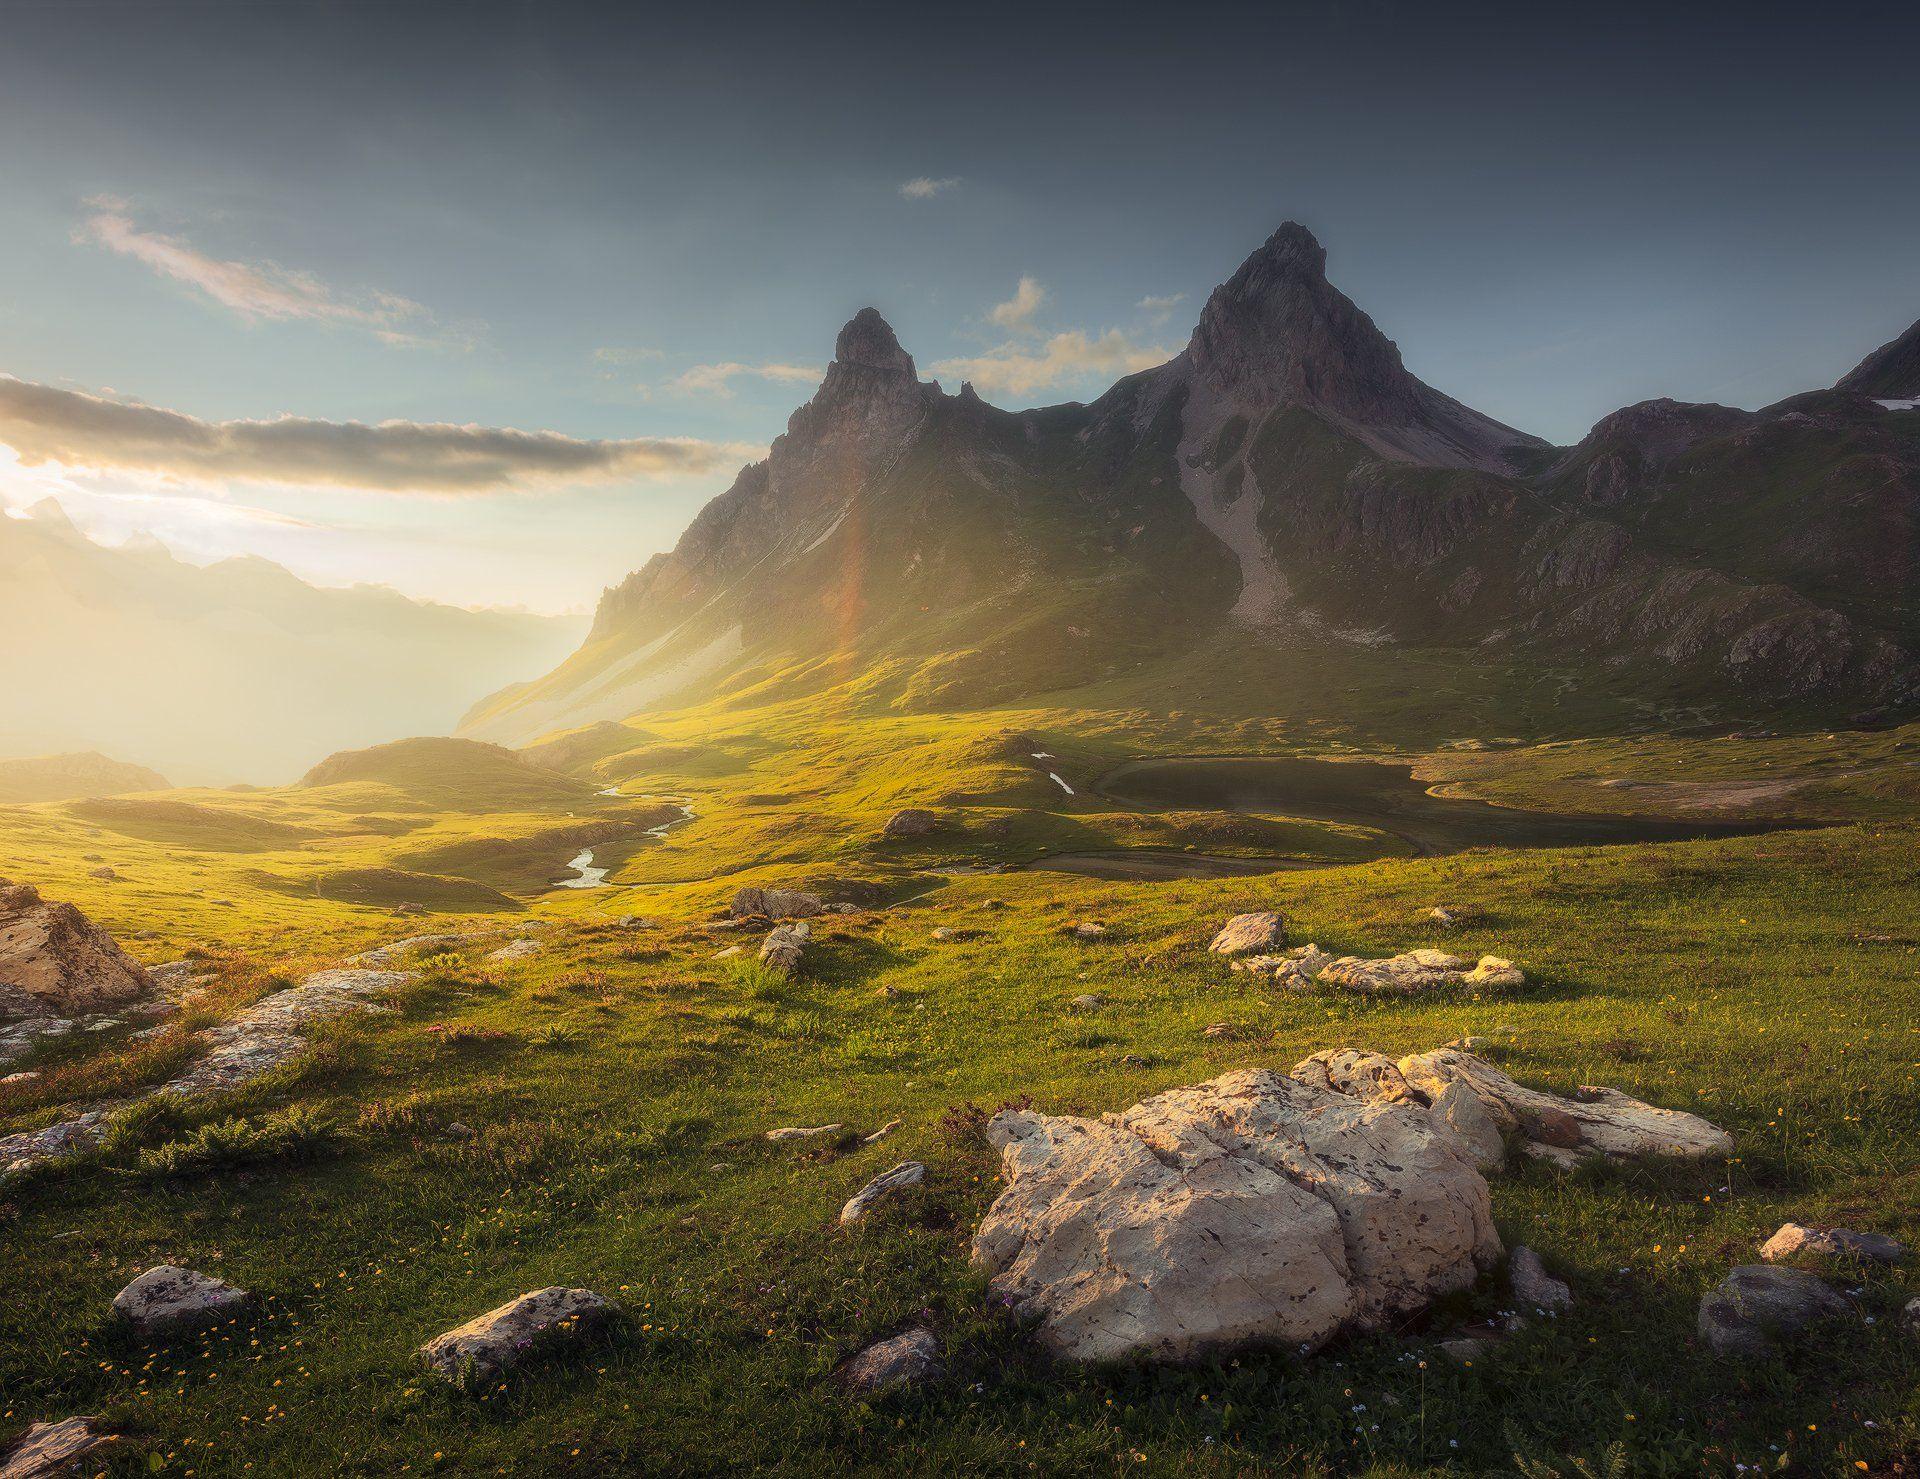 #france, #mountains, #sunrise, #alps, #travel, #sky, #safarphoto, #valley, #tourism, #landscape, #национальный, #парк, #пейзаж, #пейзажная, #фотография, #красивое, #небо, #горы, #путешествие, #туризм, #отдых, #закат, #франция, #альпы, Бахышев Сафар